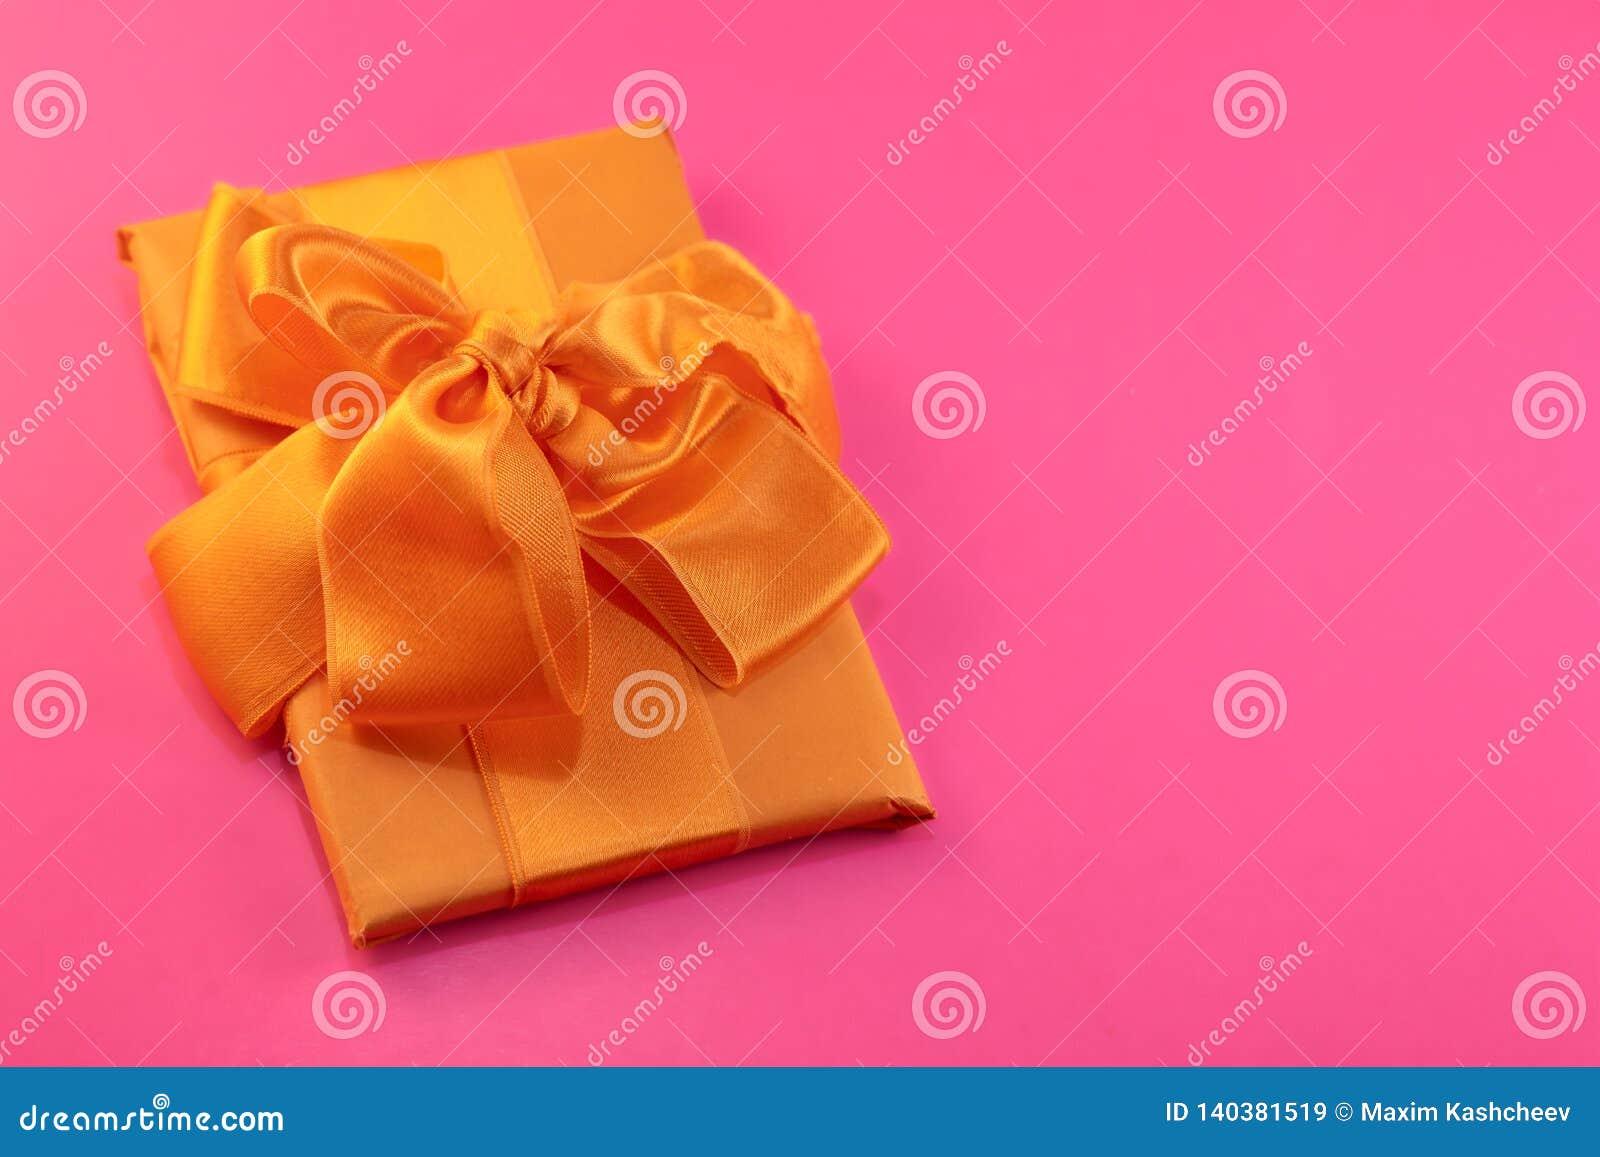 De gift wordt ingepakt en met een gele boog op een roze achtergrond met exemplaarruimte verfraaid Vlak leg, hoogste mening De rui